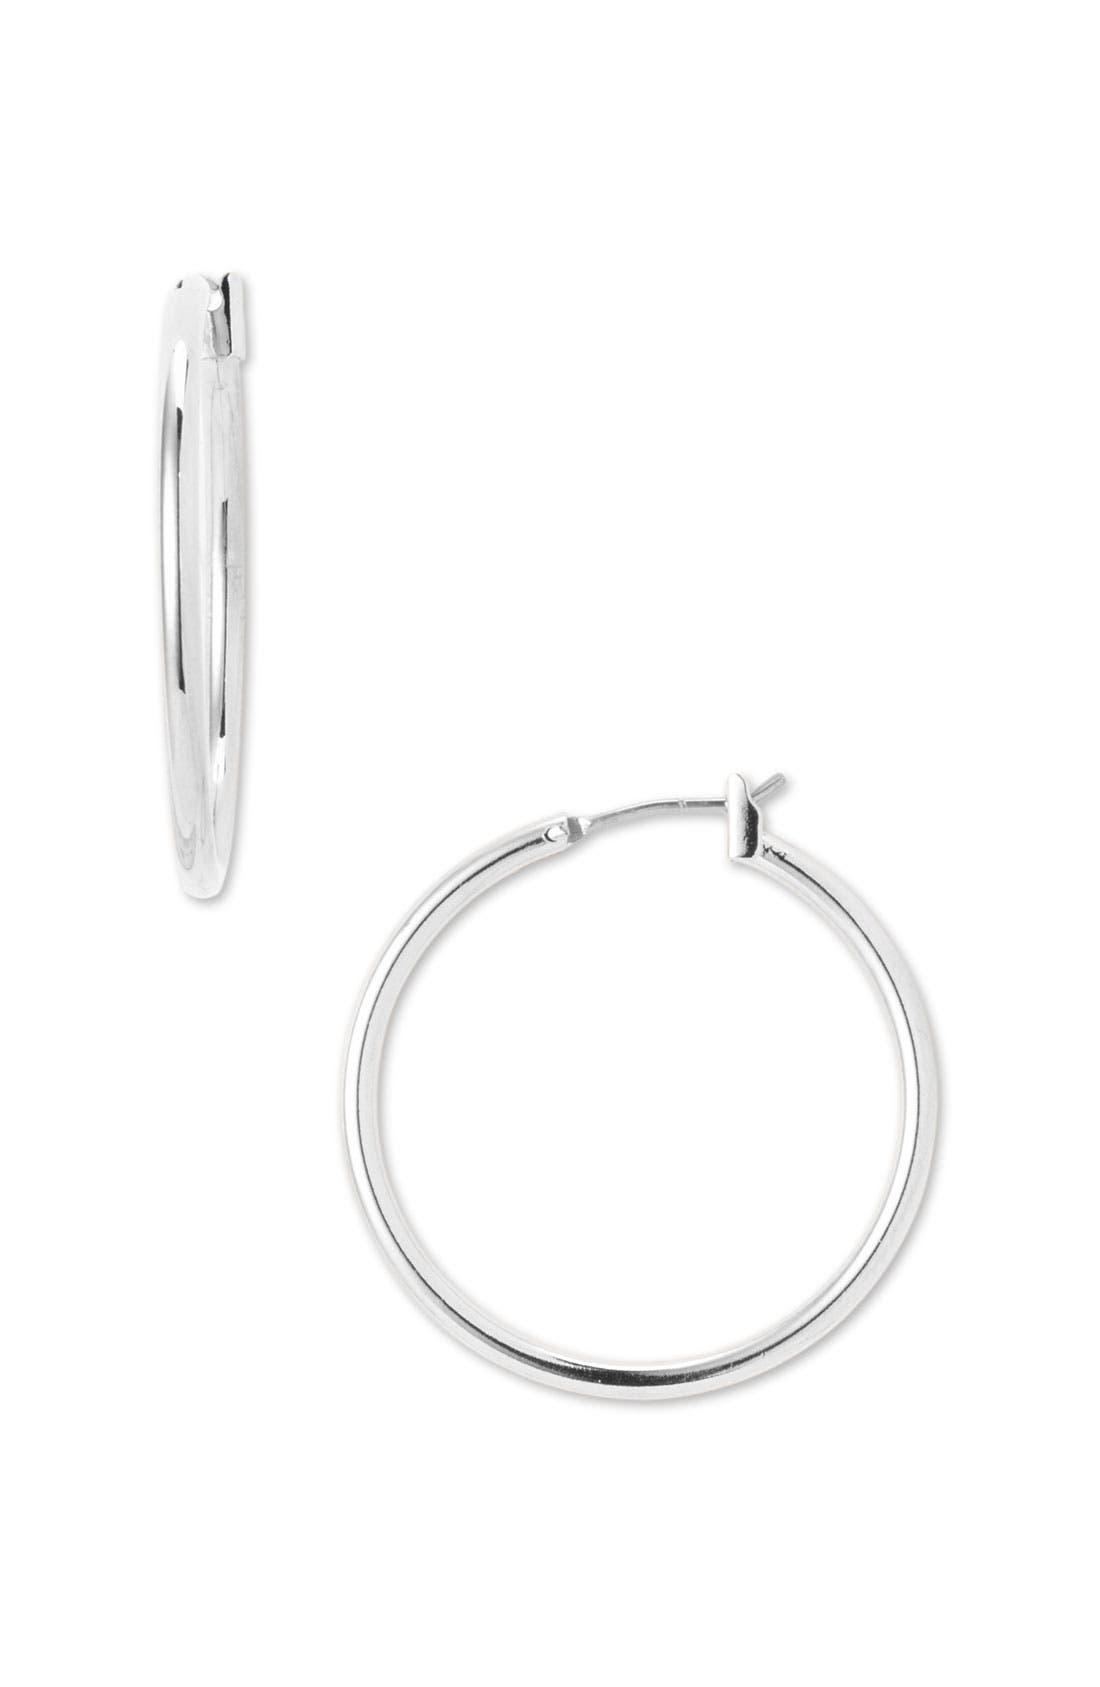 Main Image - Nordstrom Tube Hoop Earrings